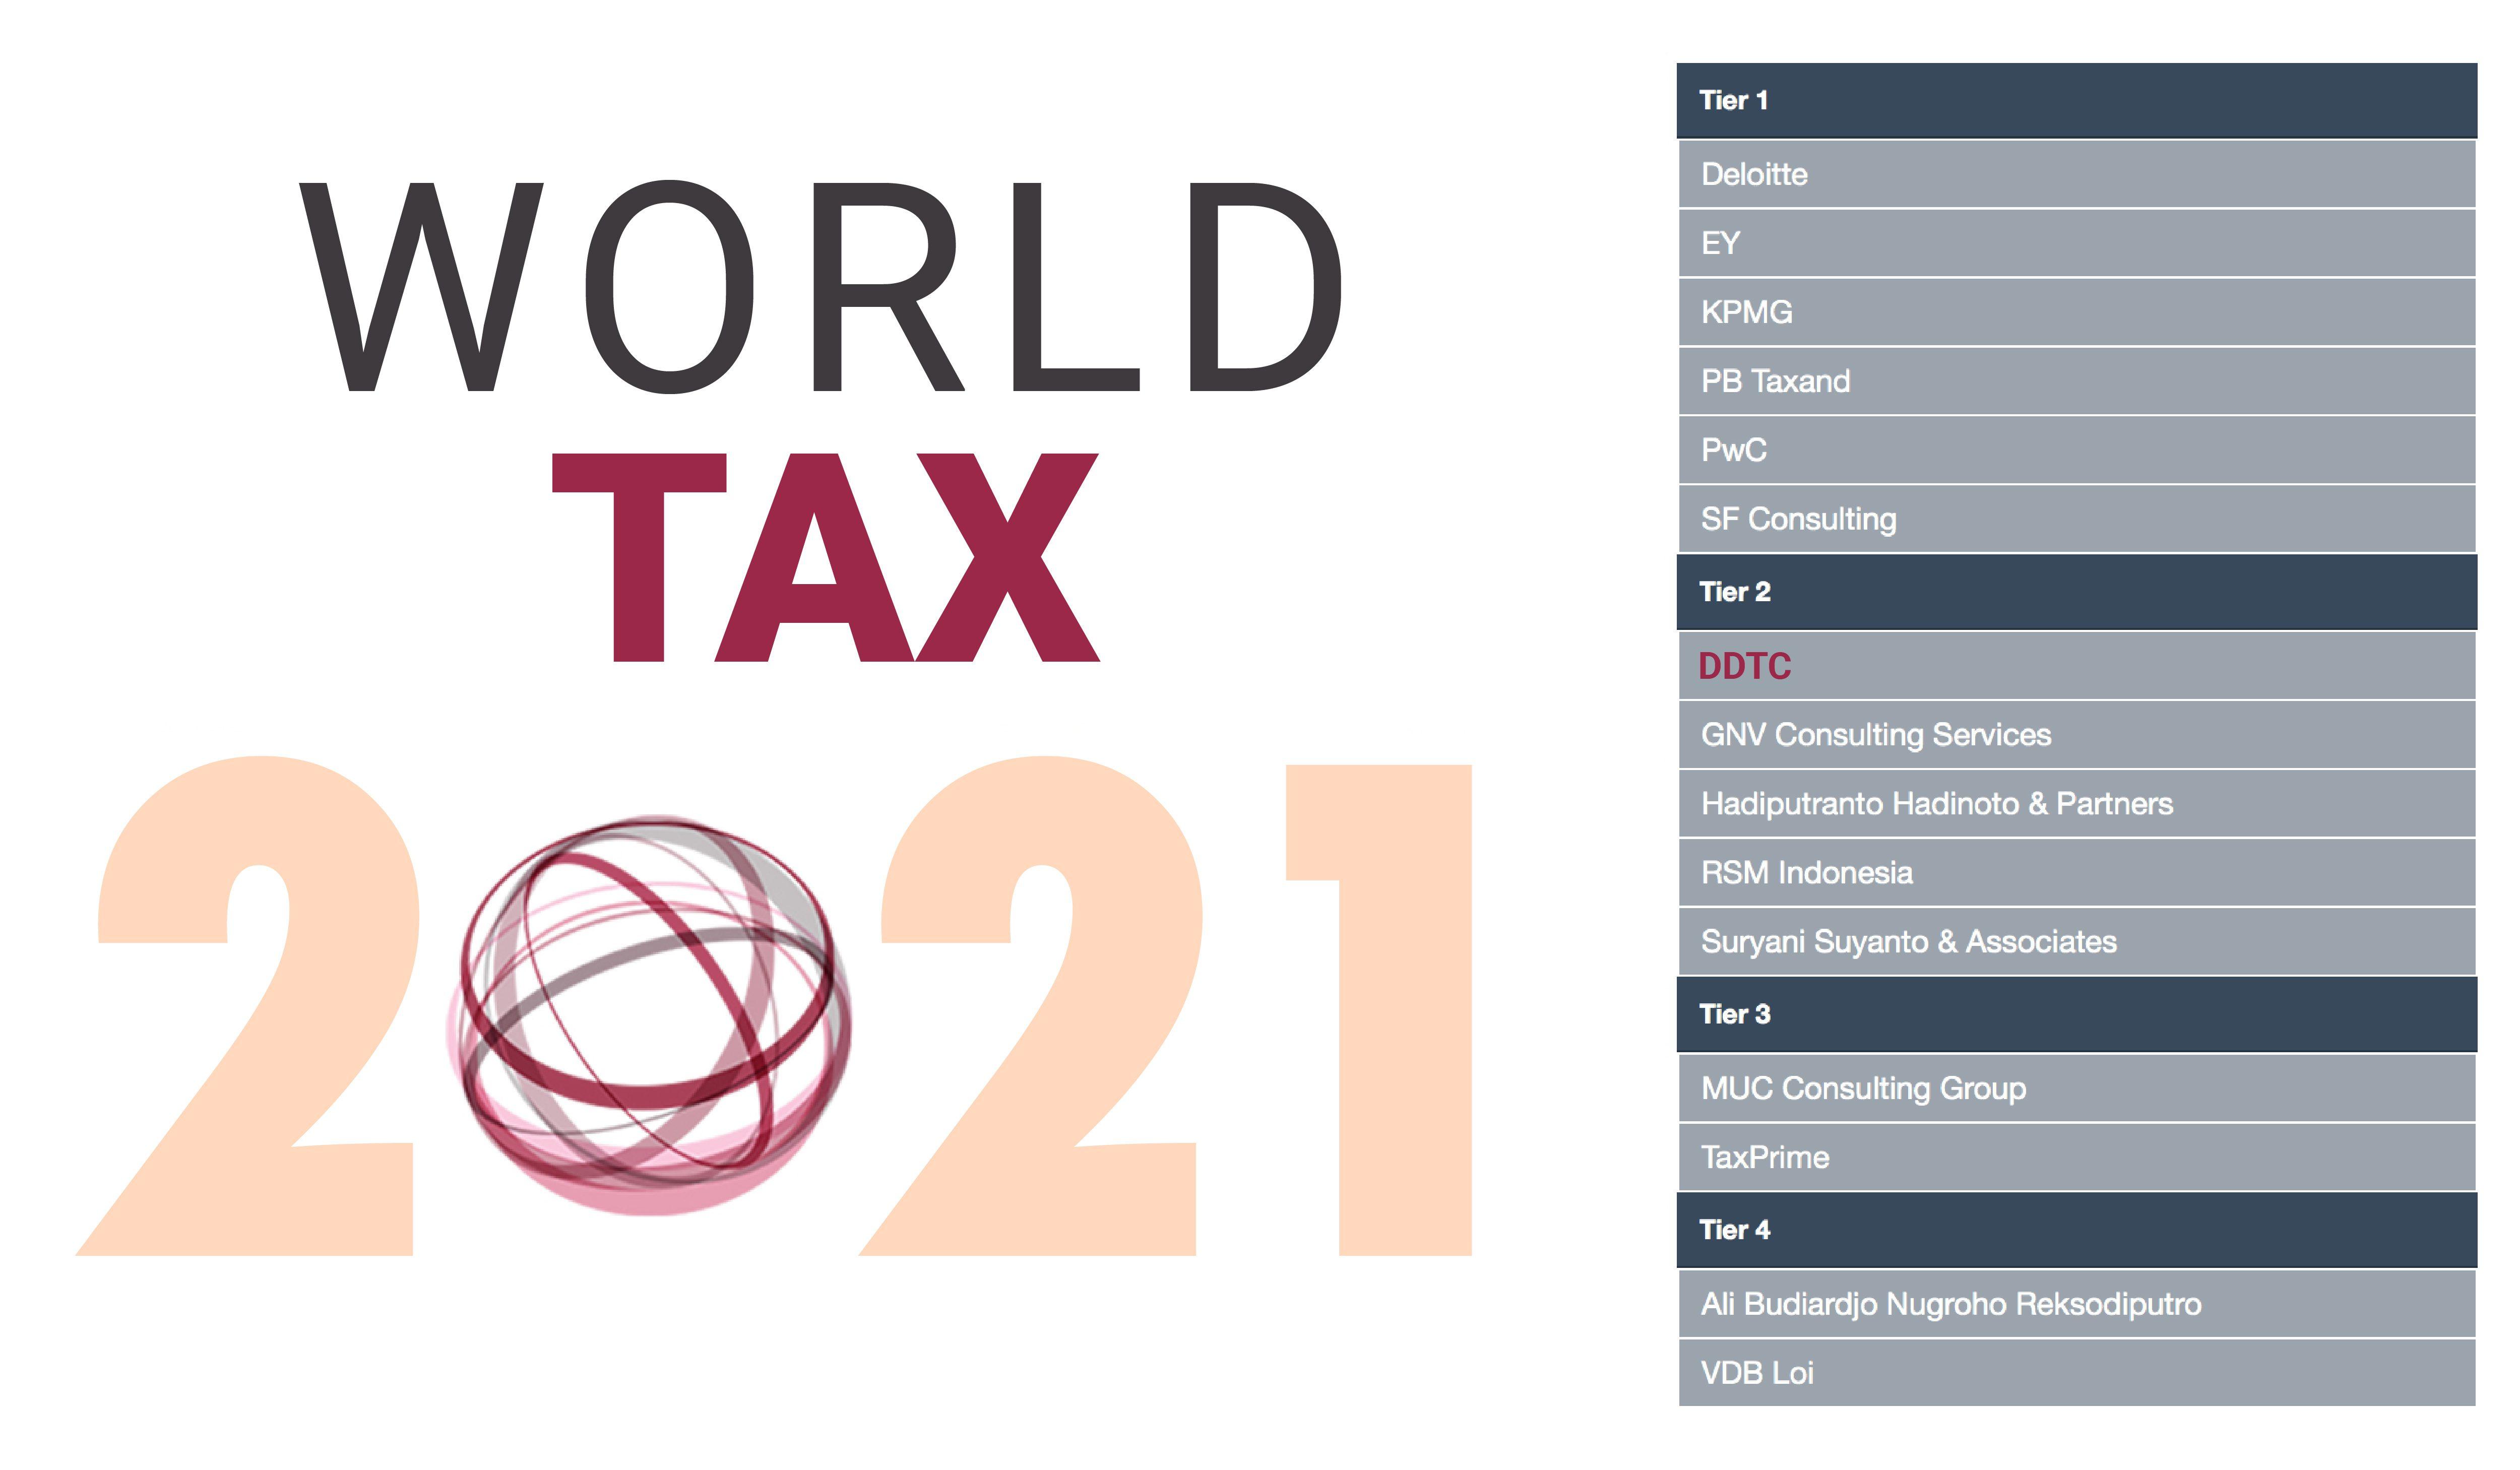 Rankings (World Tax 2021)